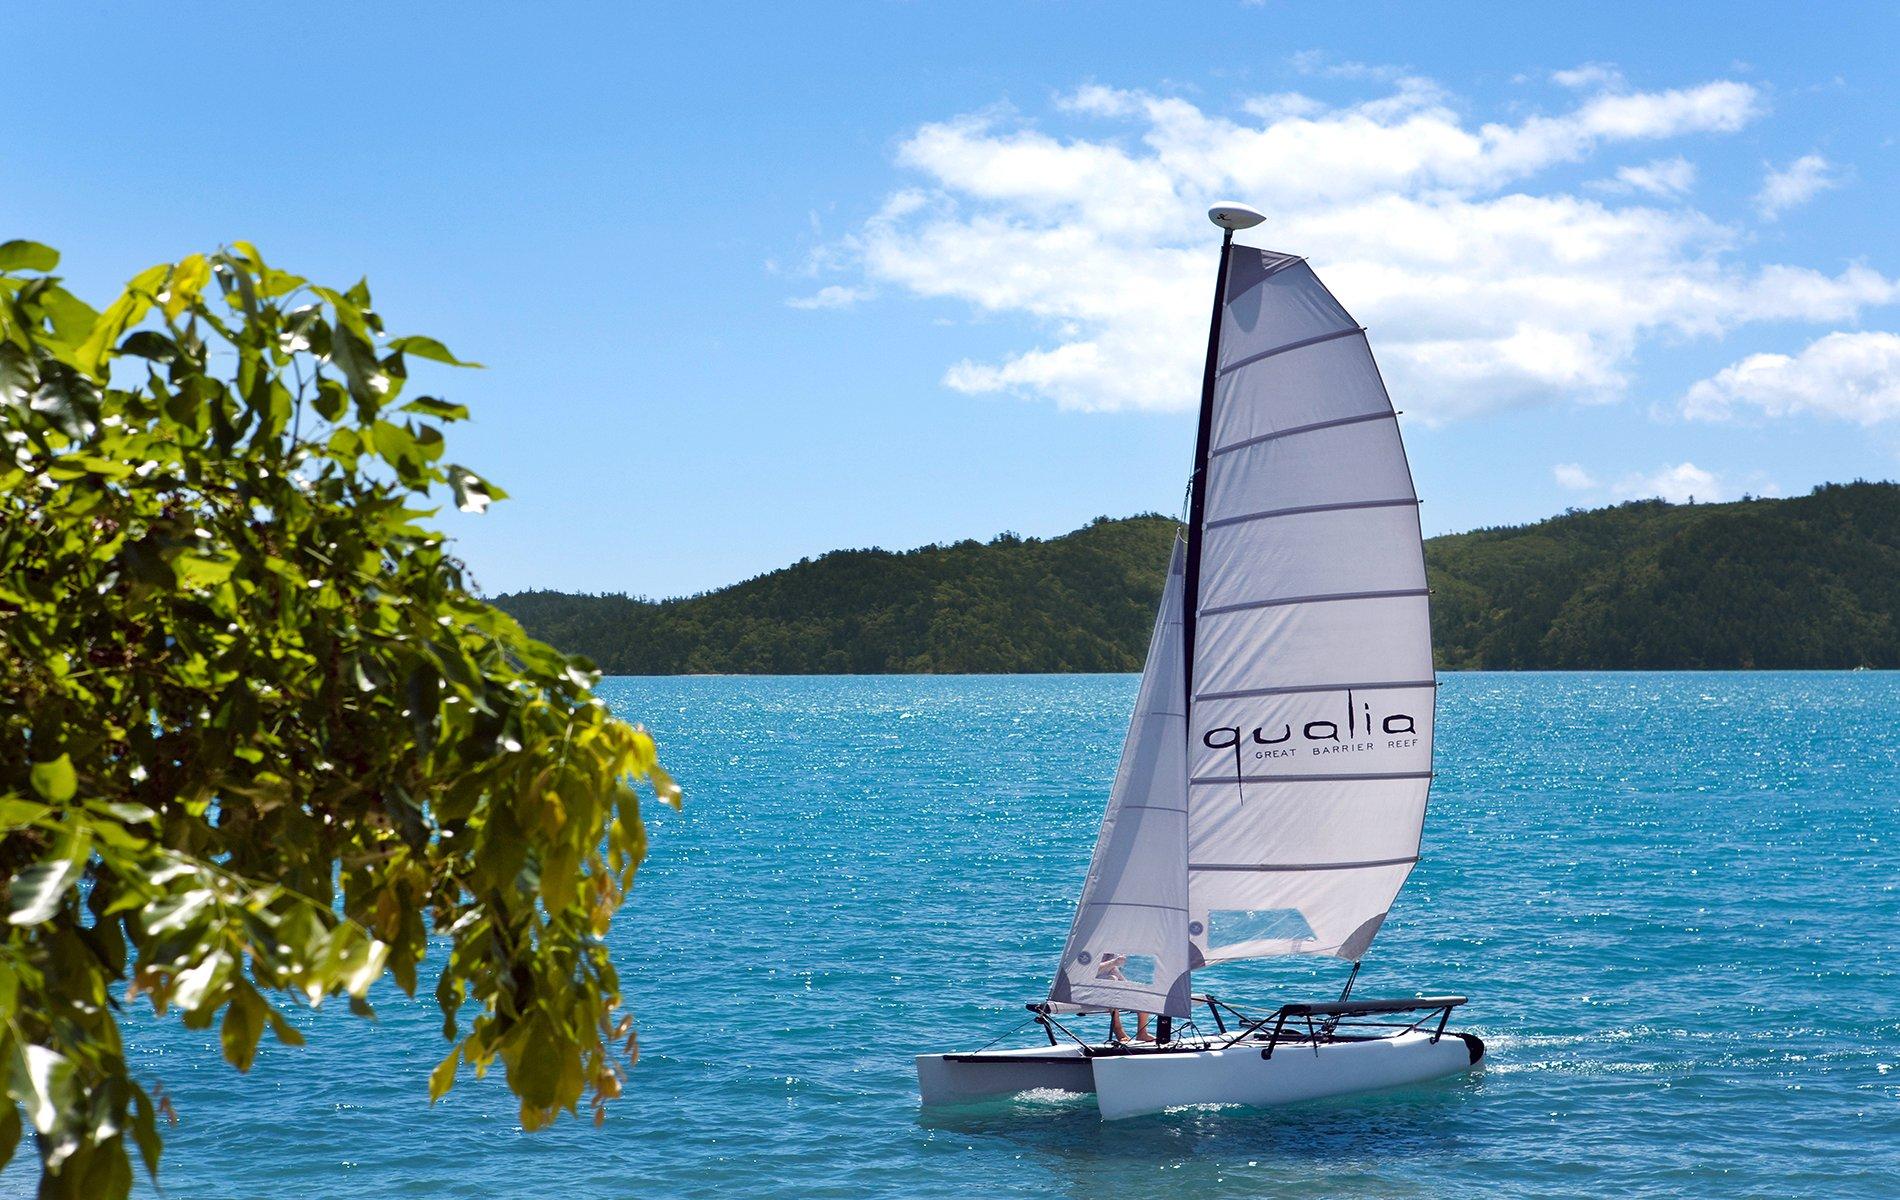 Beach-Sports-Qualia_Catamaran